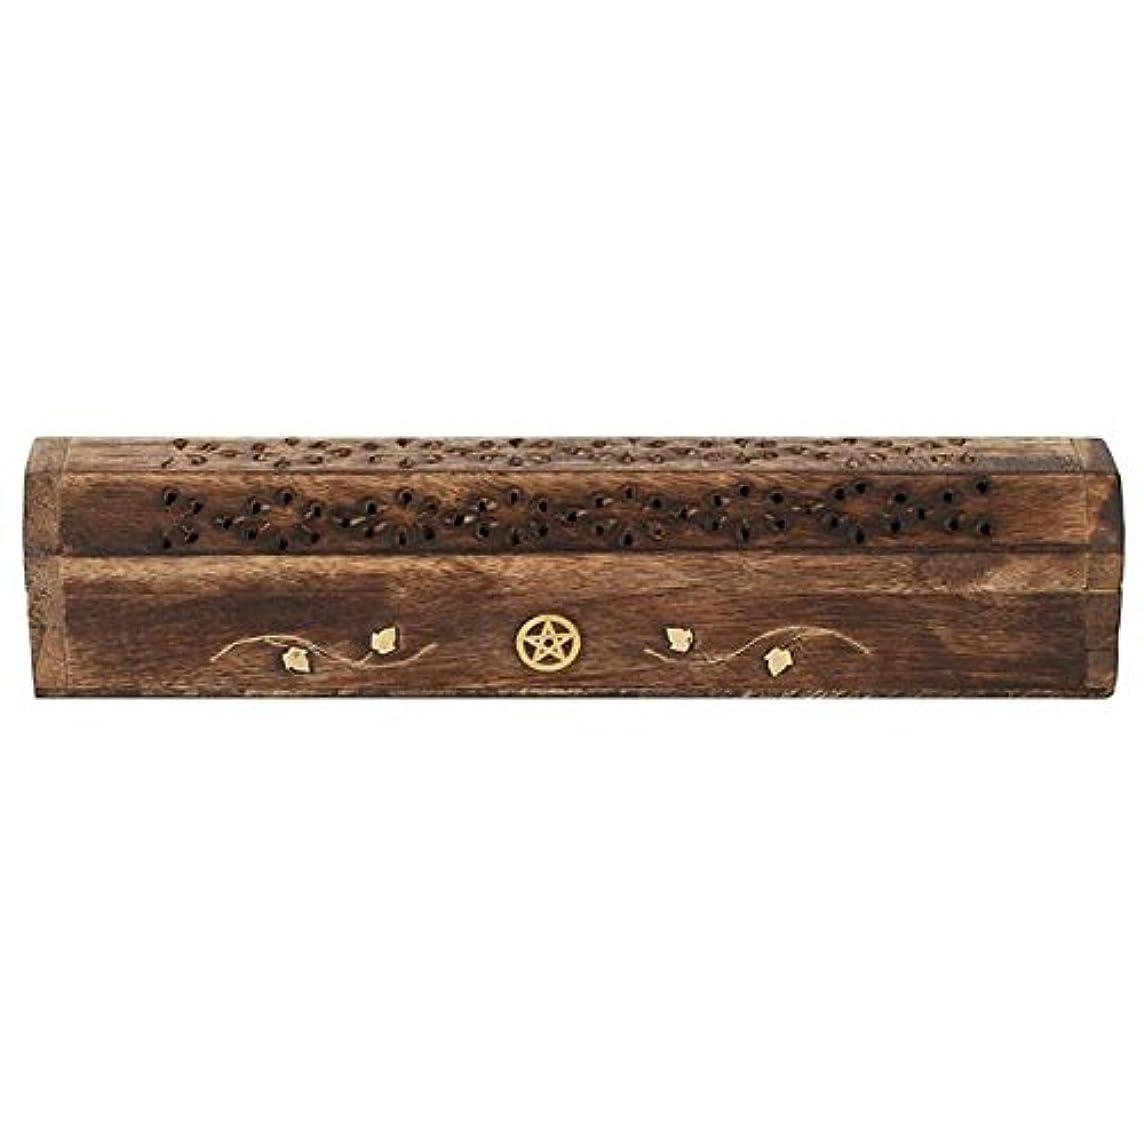 料理をする違反する振り向くMangowood Incense Box with Brass Pentagram Inlay